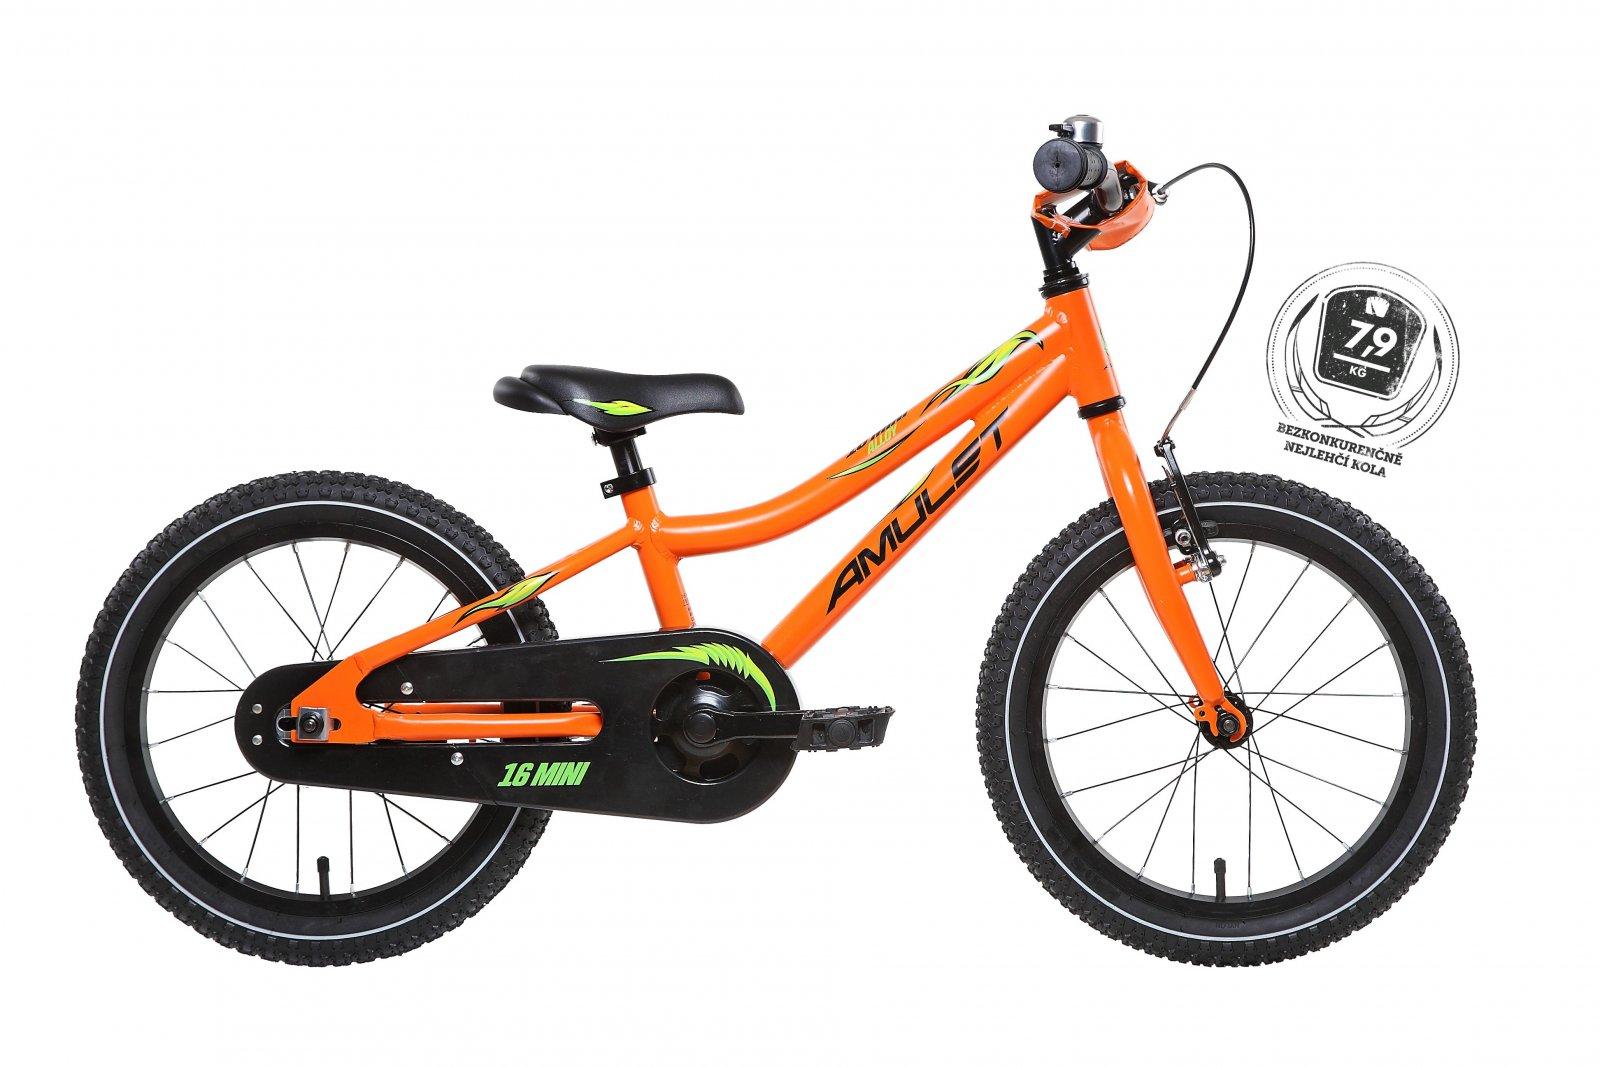 Amulet Mini 16 Lite 2016 orange, ZDARMA dopravné, montáž a sada blikaček (Zdarma dopravné + blikačky + odborná montáž)